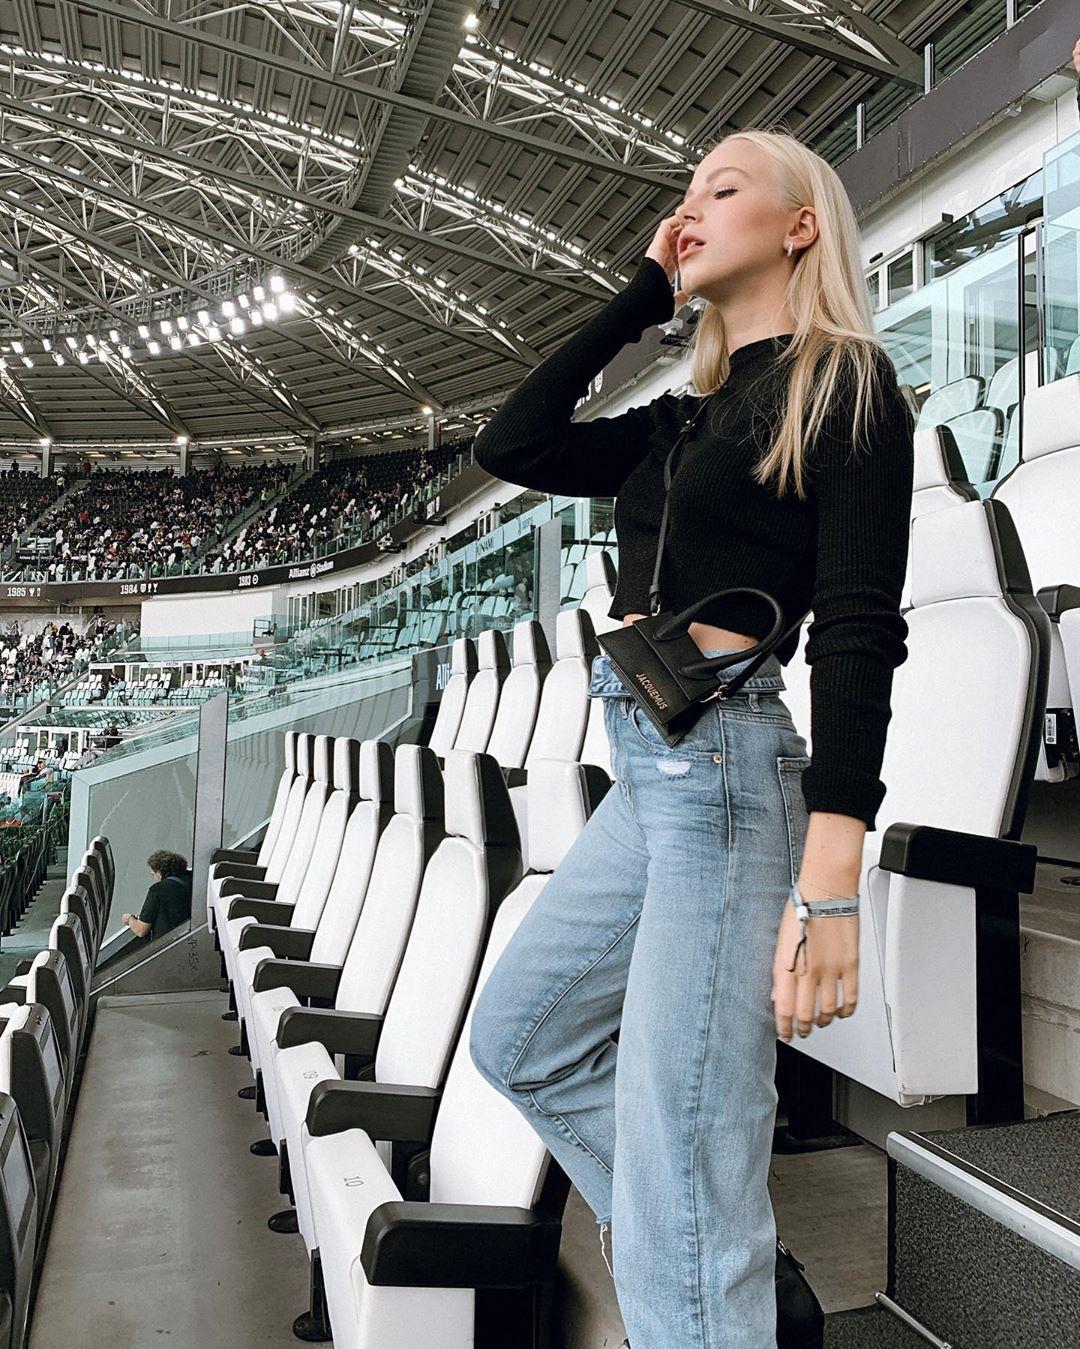 Ivana Nedved e o desconforto perto de Cristiano Ronaldo